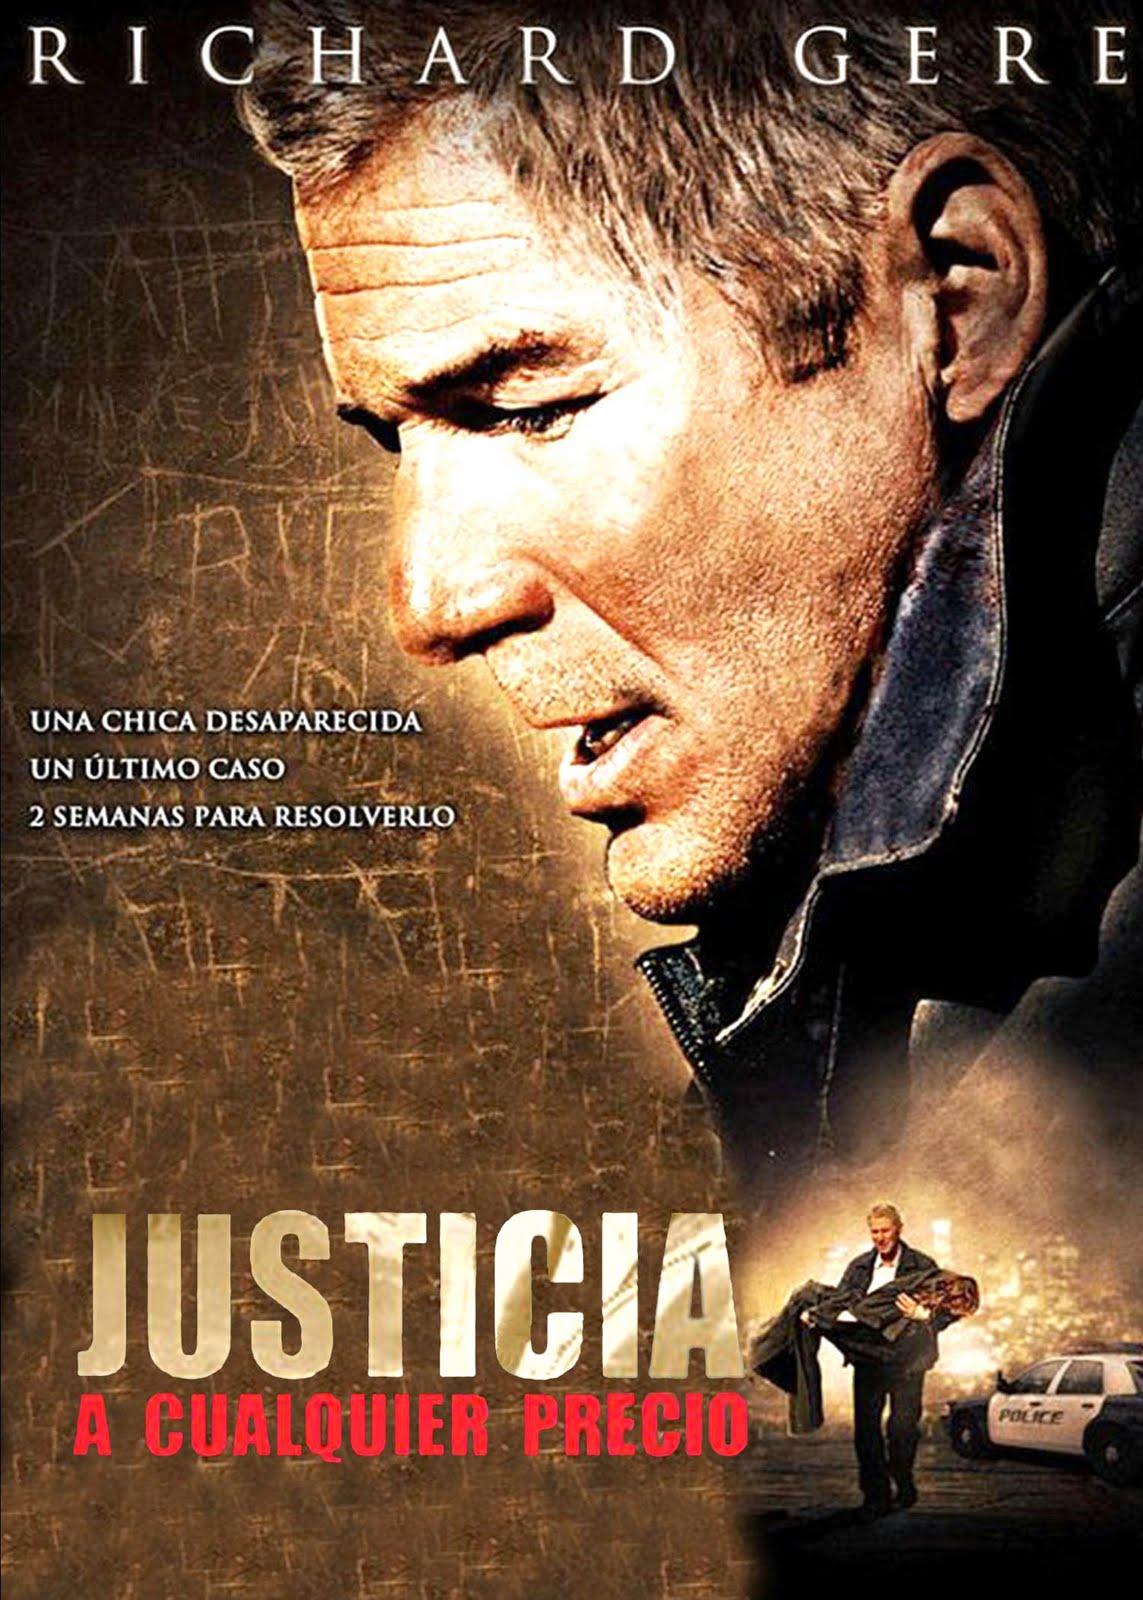 http://4.bp.blogspot.com/-ALy8Qo7elRY/TeJaFsR9GqI/AAAAAAAABiI/IIY-1XeU_ko/s1600/justicia%2Ba%2Bcualquier%2Bprecio.jpg